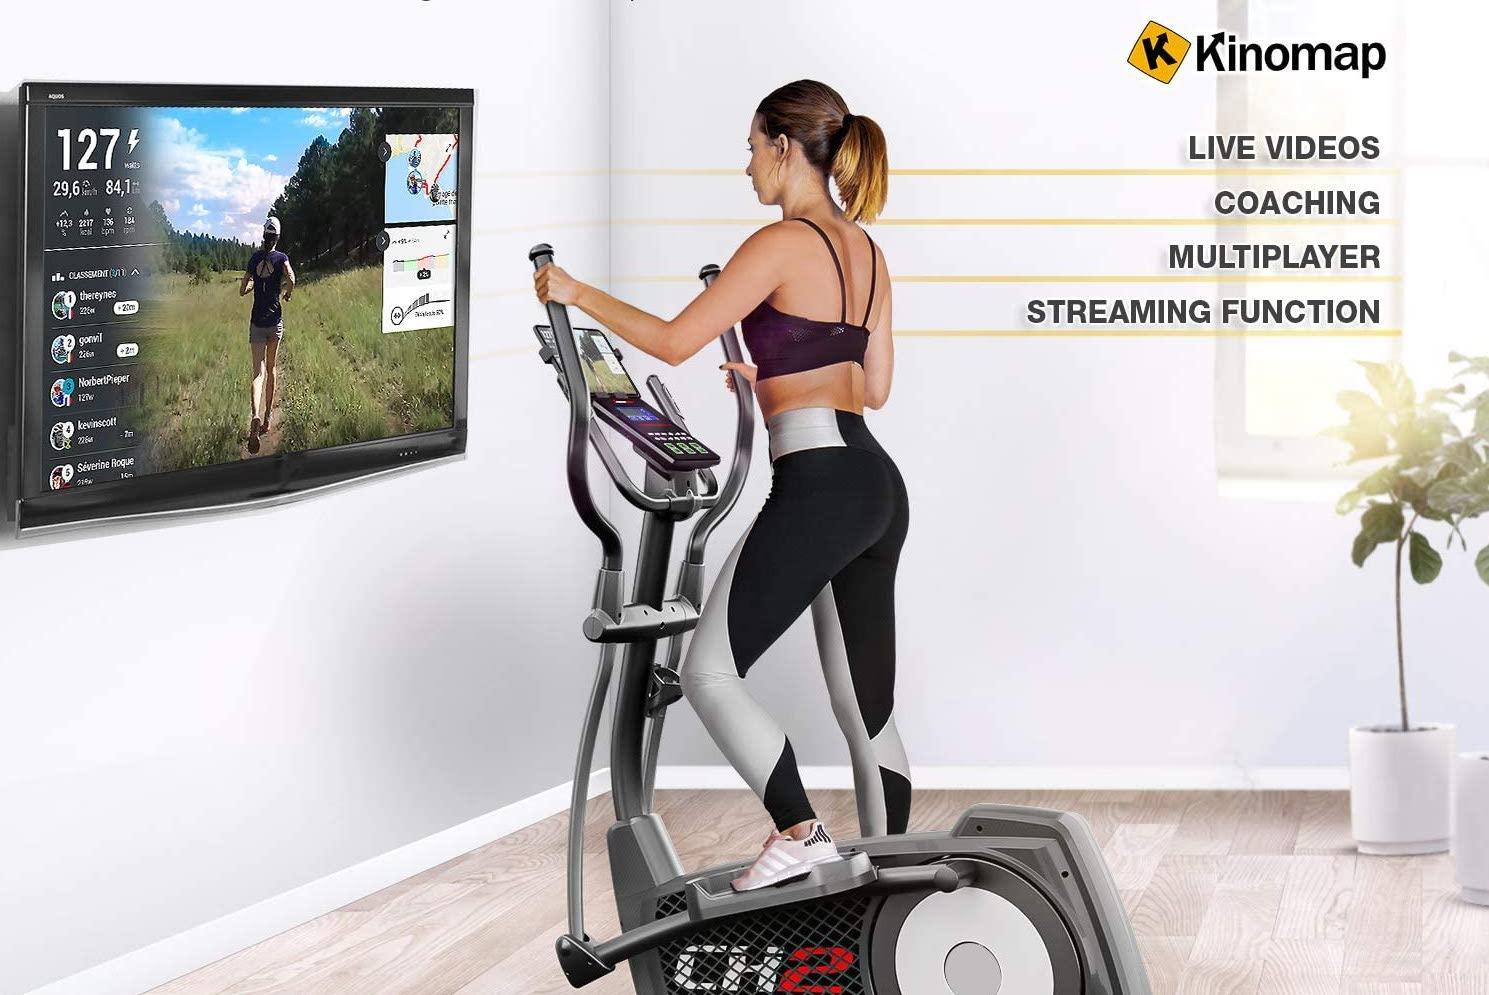 Kinomap funktioniert hervorragend mit dem CX2 Crosstrainer.